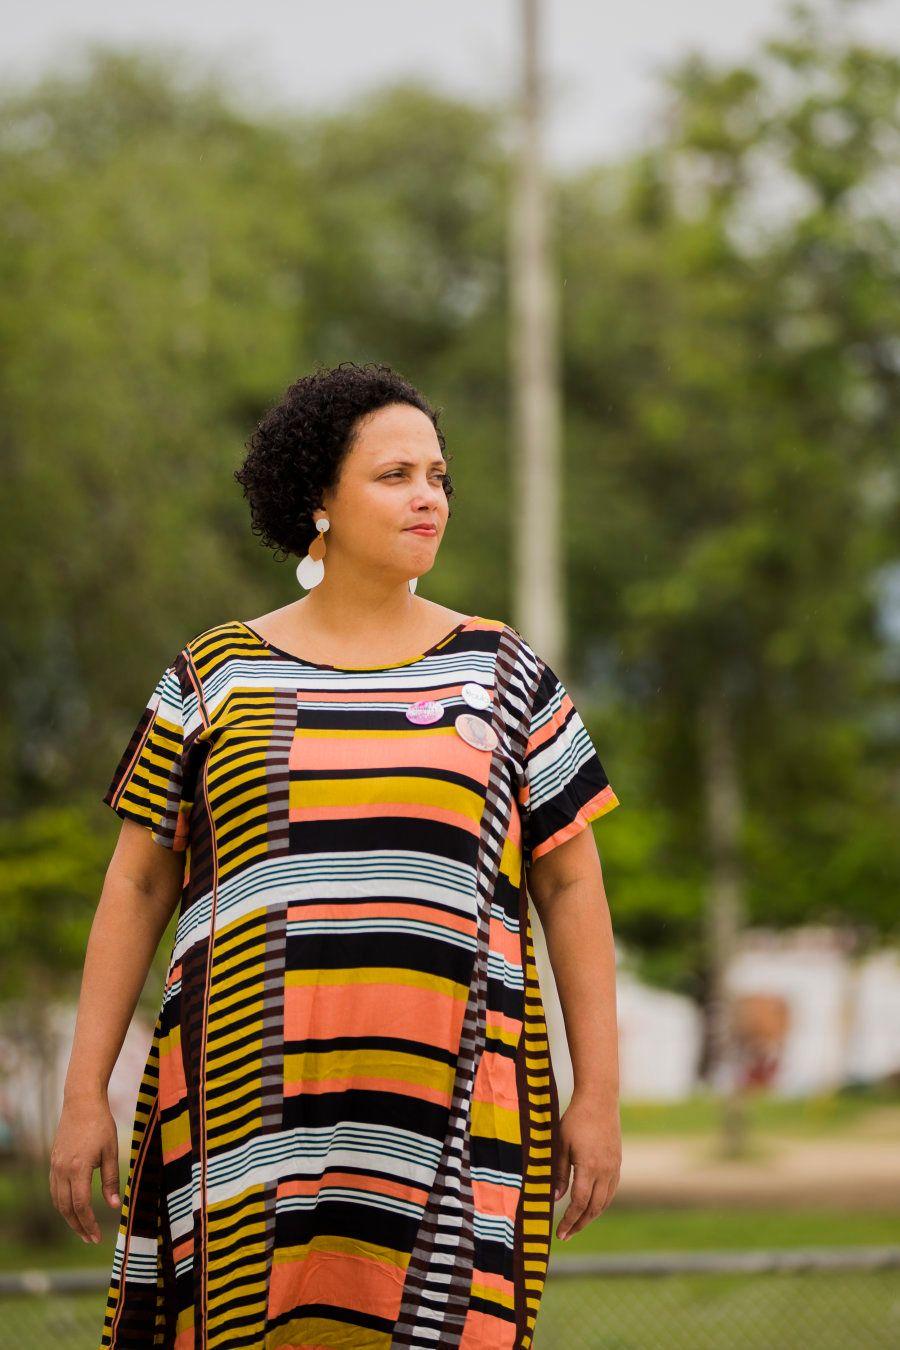 O ativismo, ela conta, começou na adolescência, após dar à luz seu primeiro